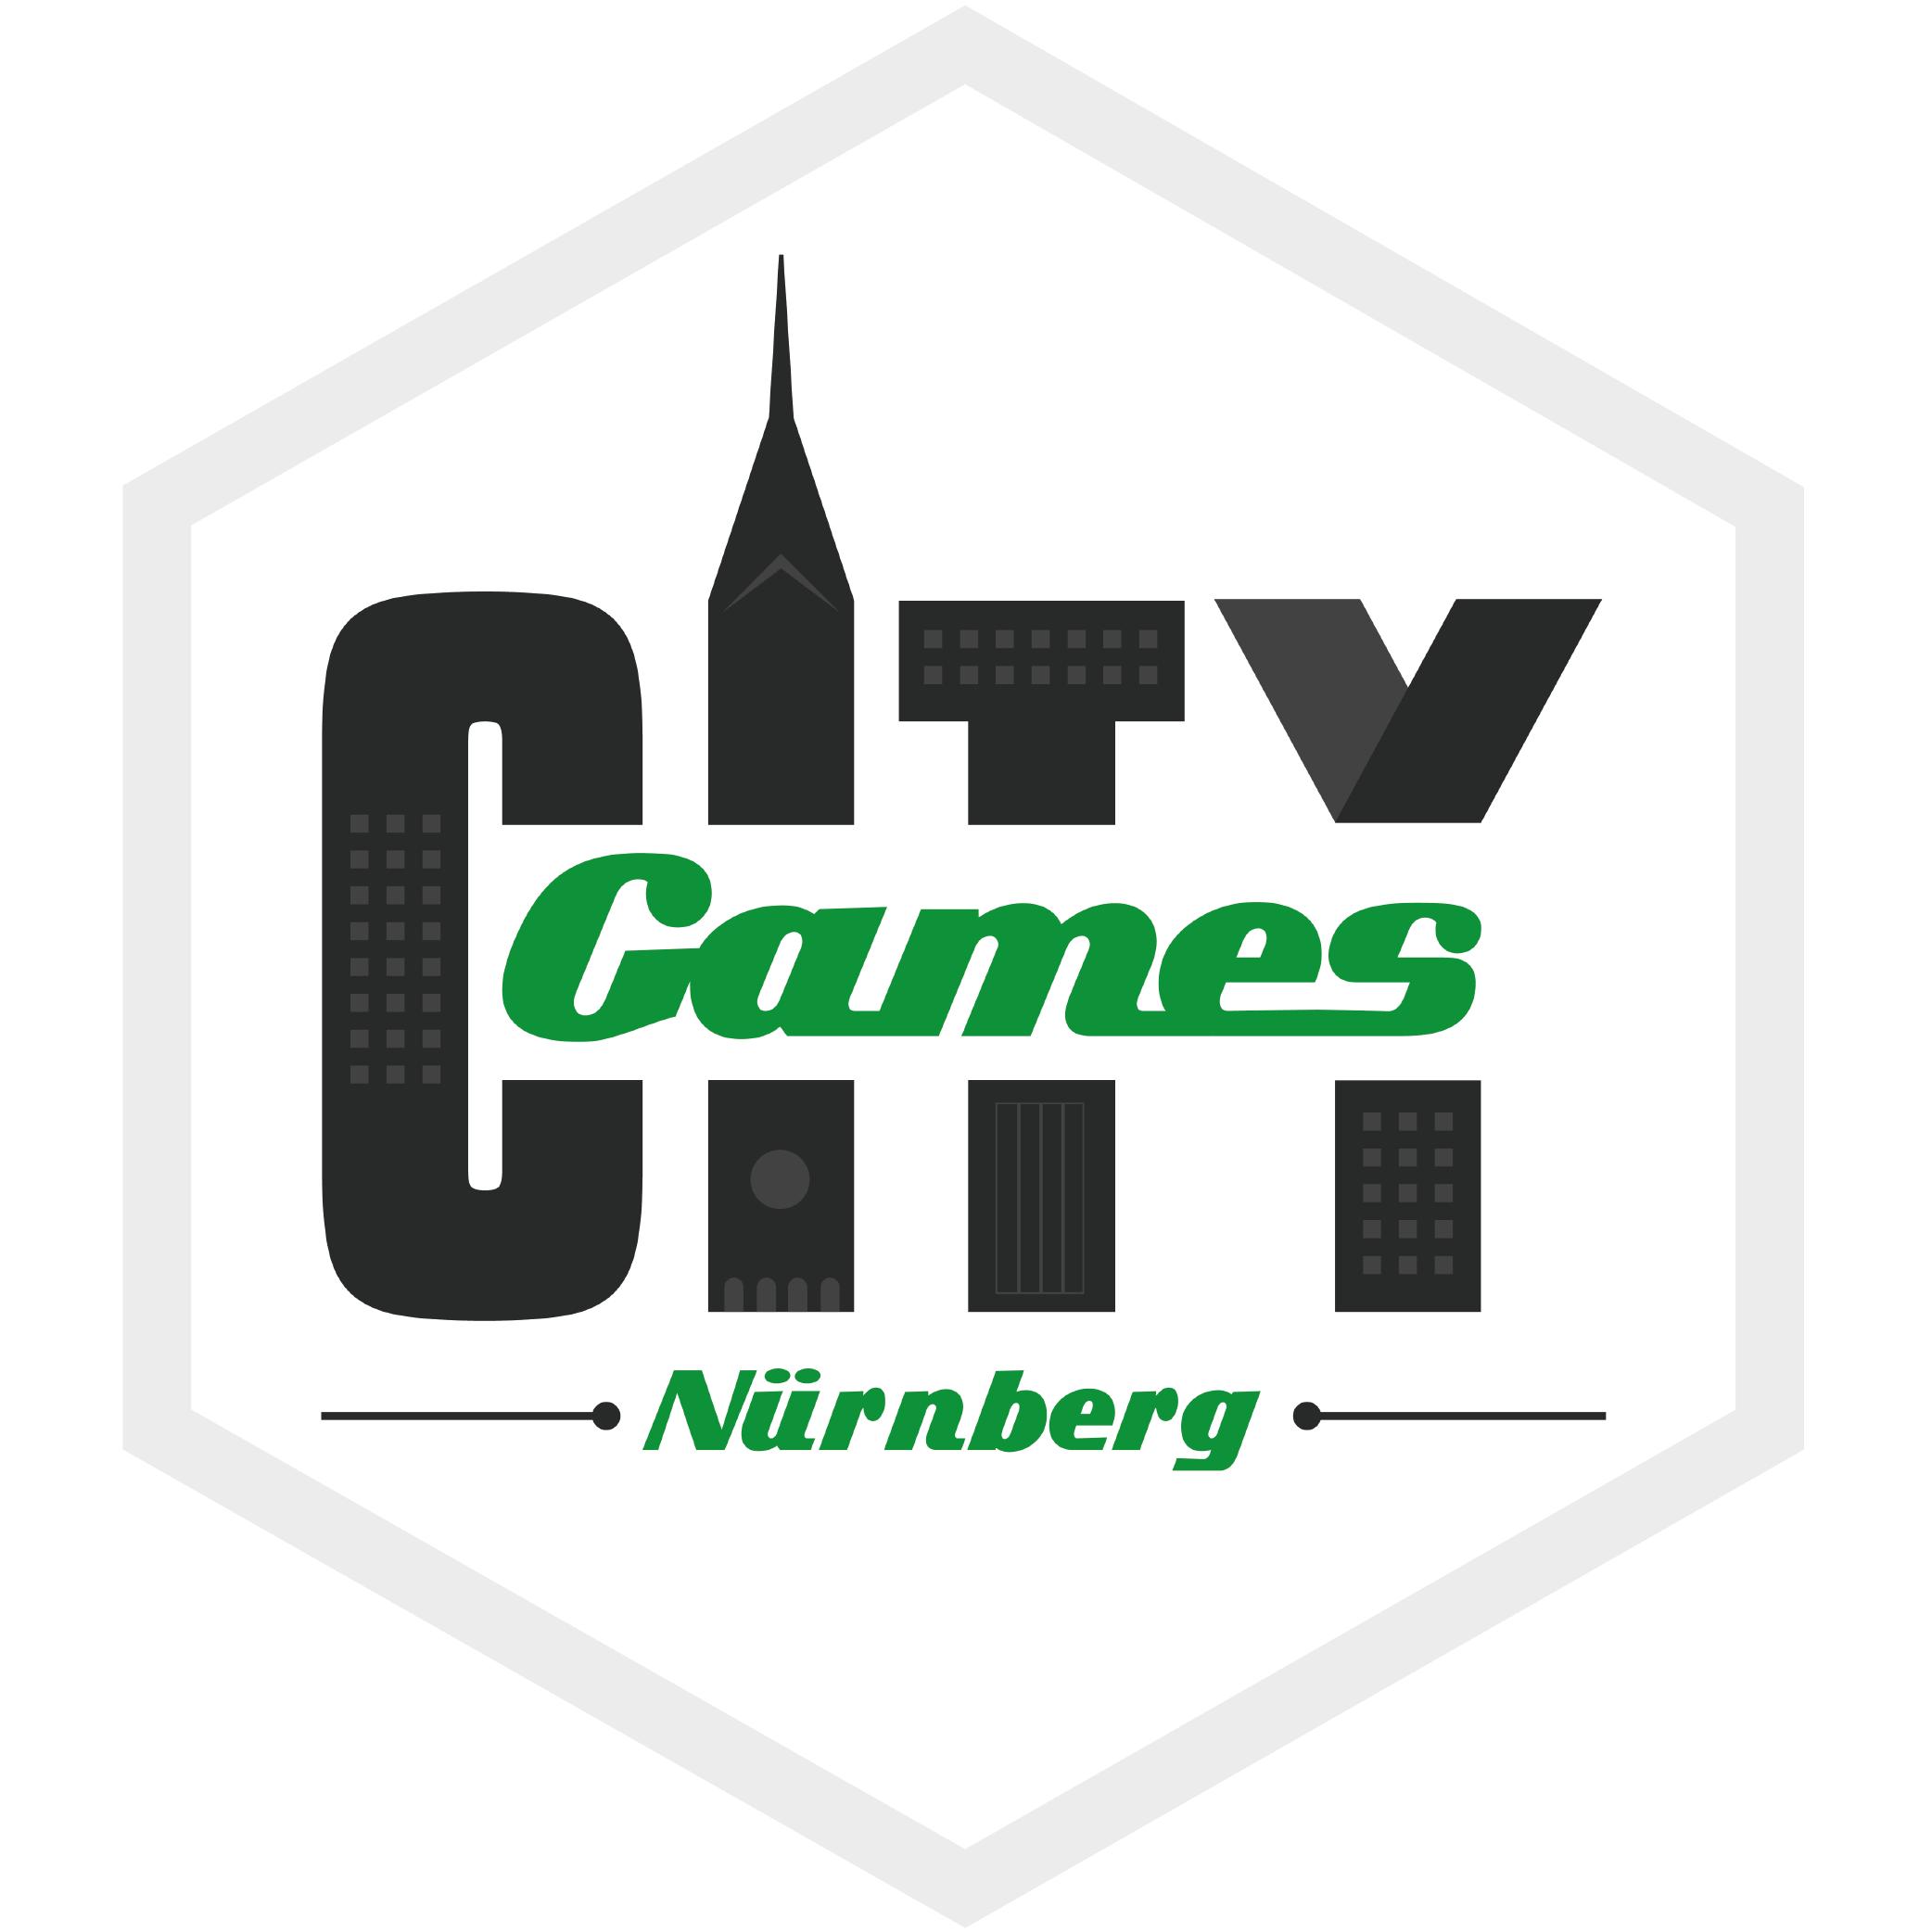 CityGames Nürnberg